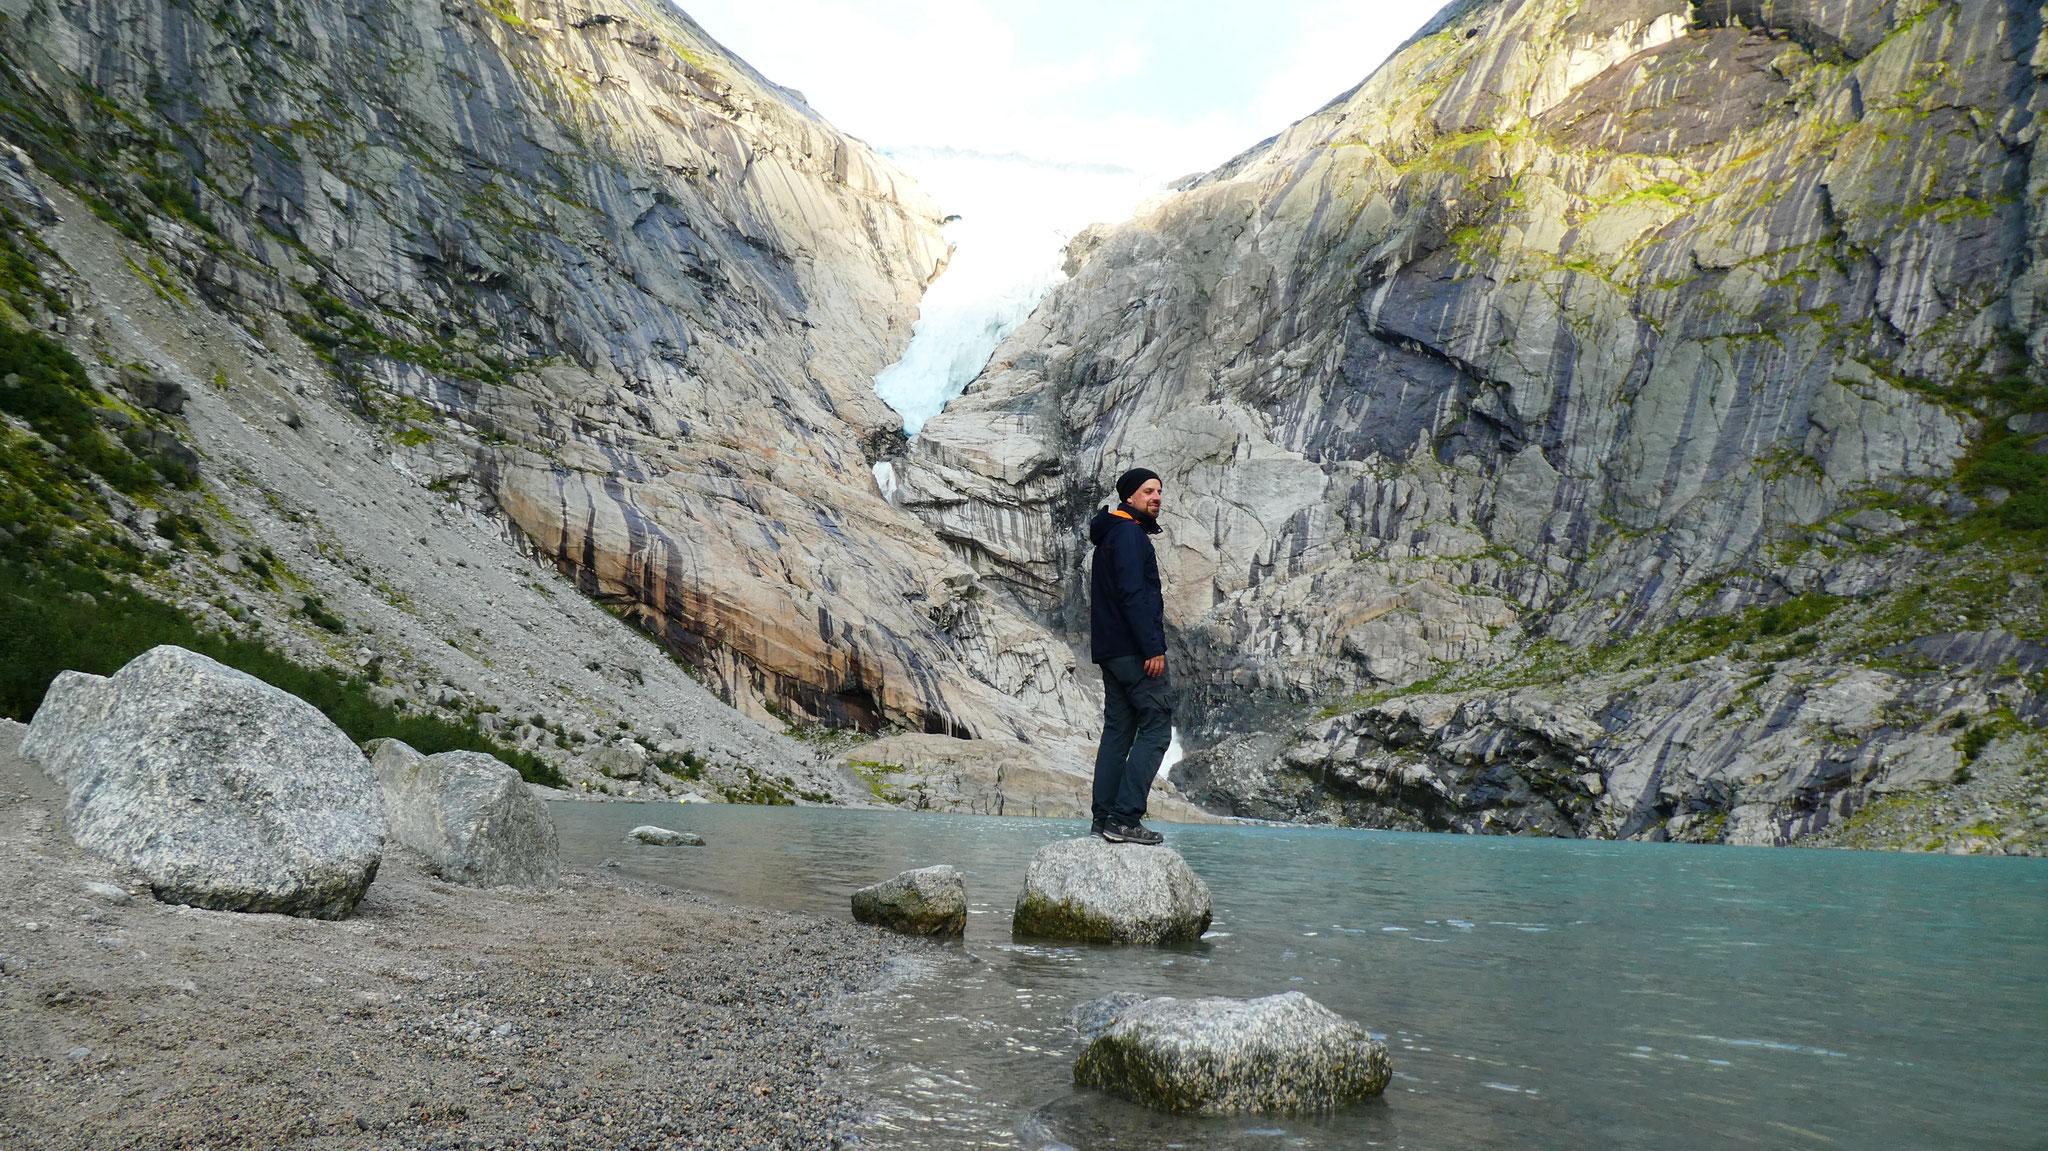 Briksdalsbreen Gletscher Wanderung